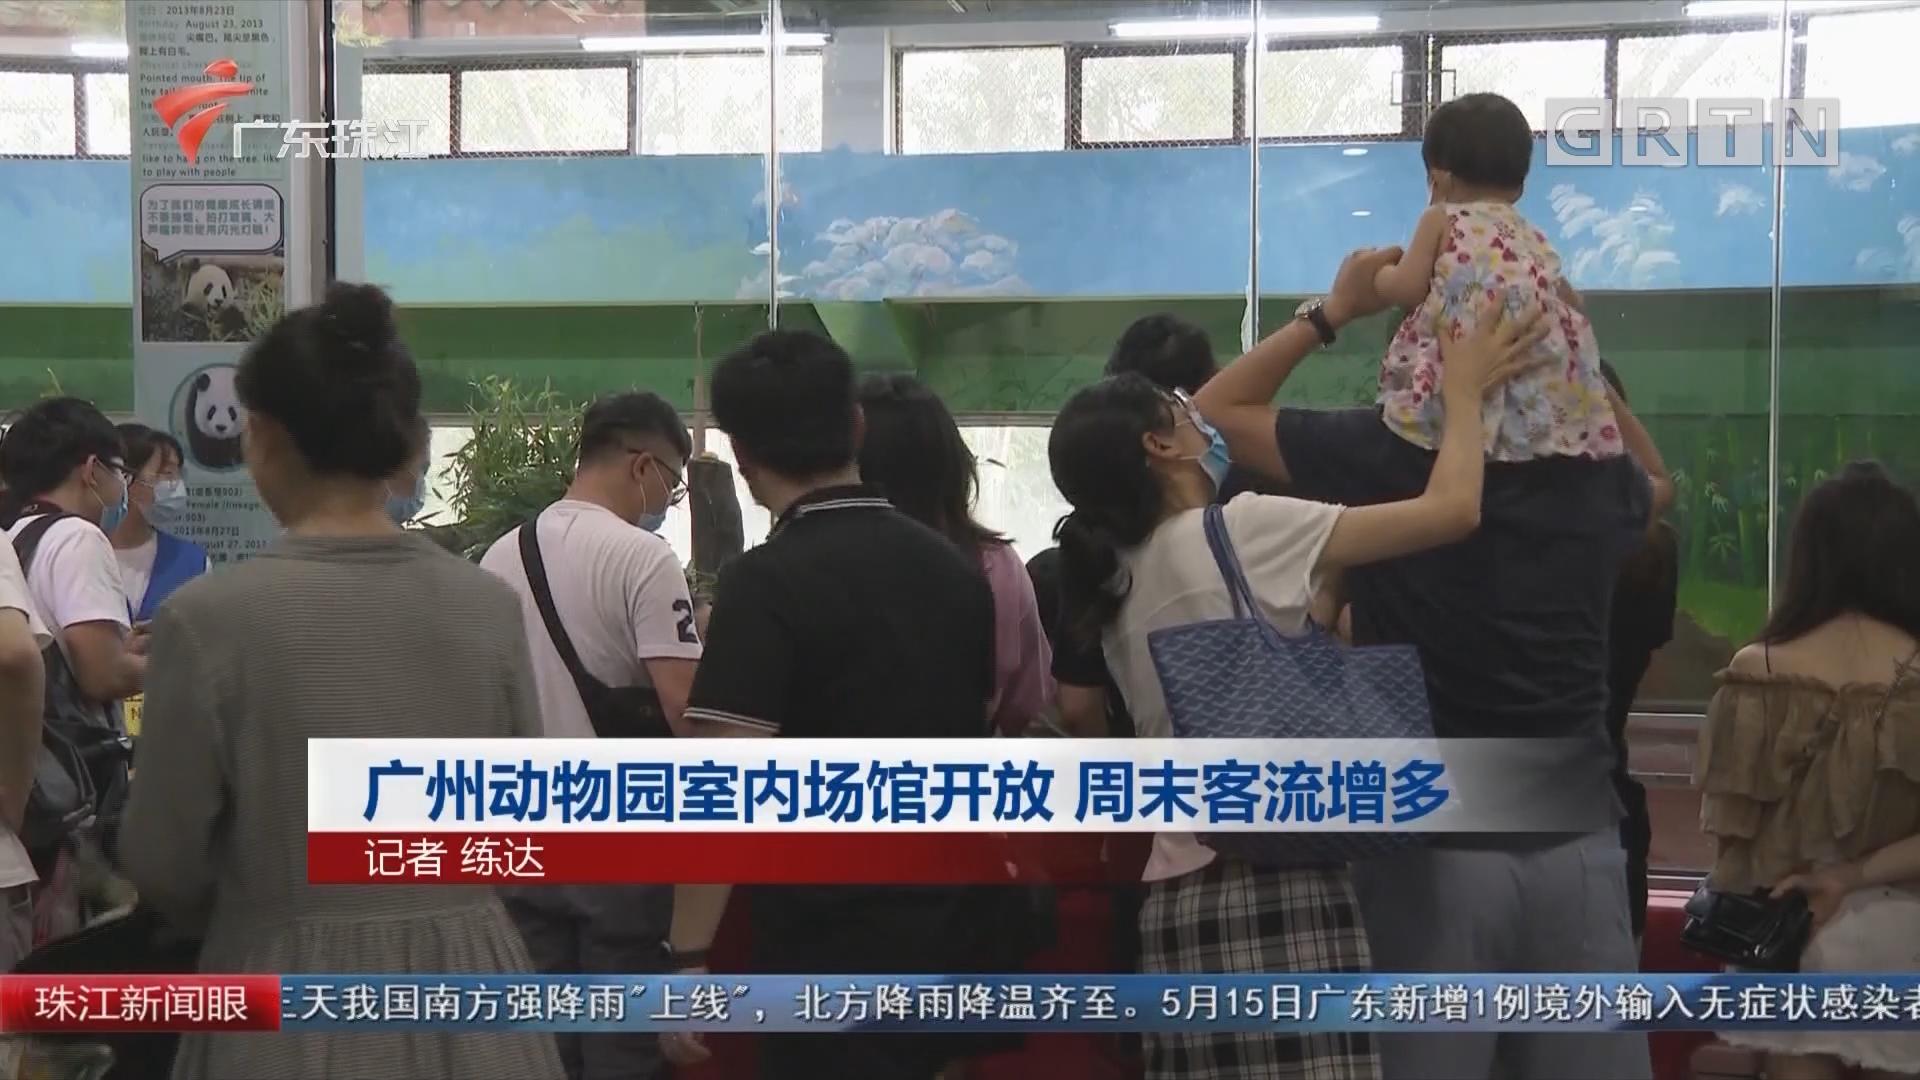 广州动物园室内场馆开放 周末客流增多